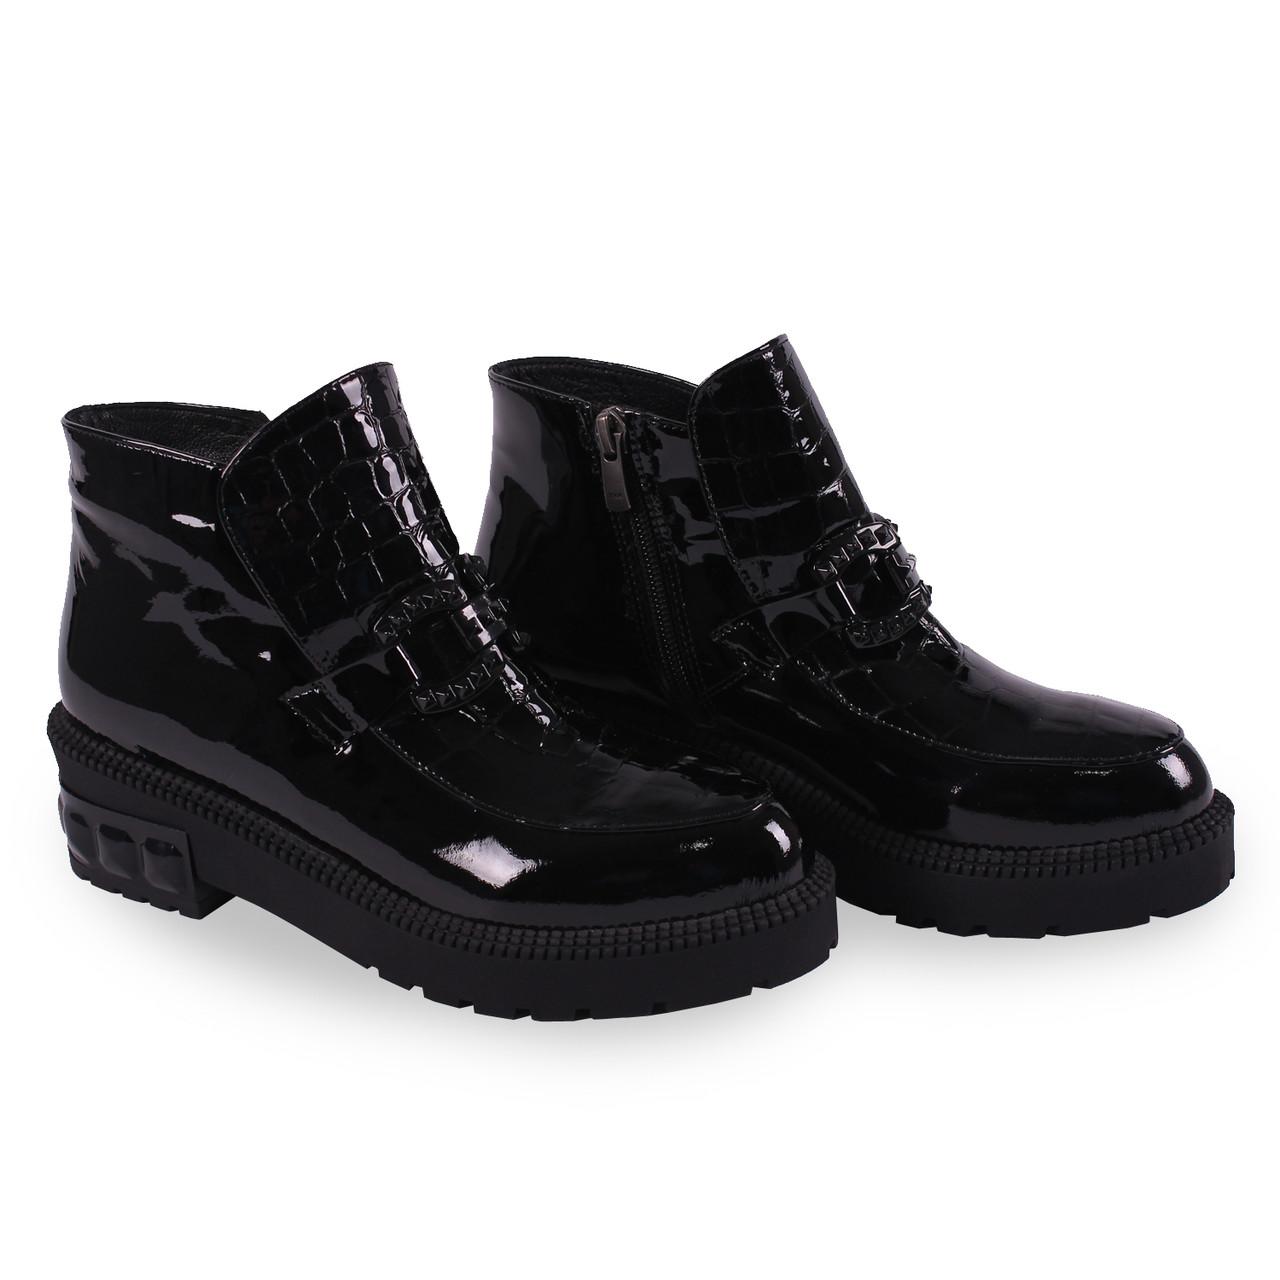 e4d9649b1495b4 37 размер Стильные ботинки Aquamarin(натуральный лак, осень, тракторная  подошва, красивая пряжка, черные